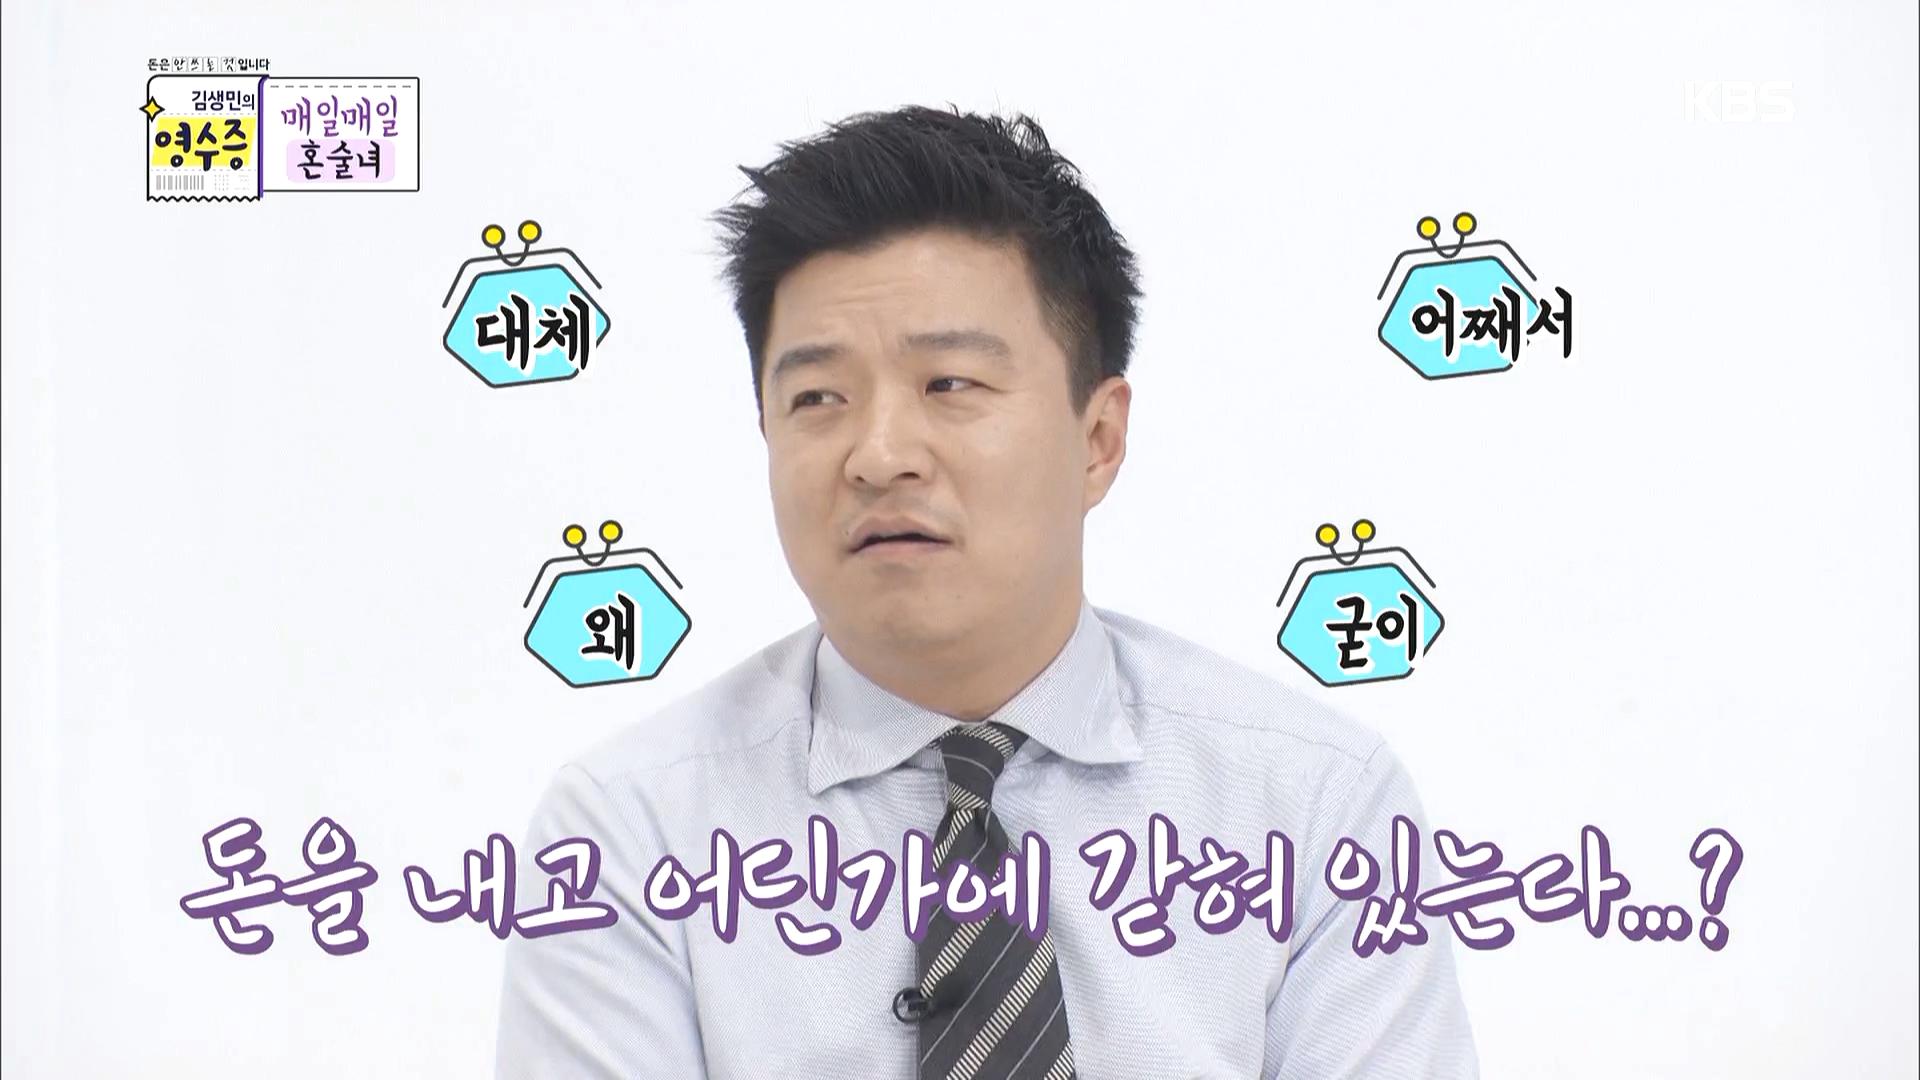 김생민, 방 탈출 카페 이해 불가 ˝돈 주고 왜? ˝